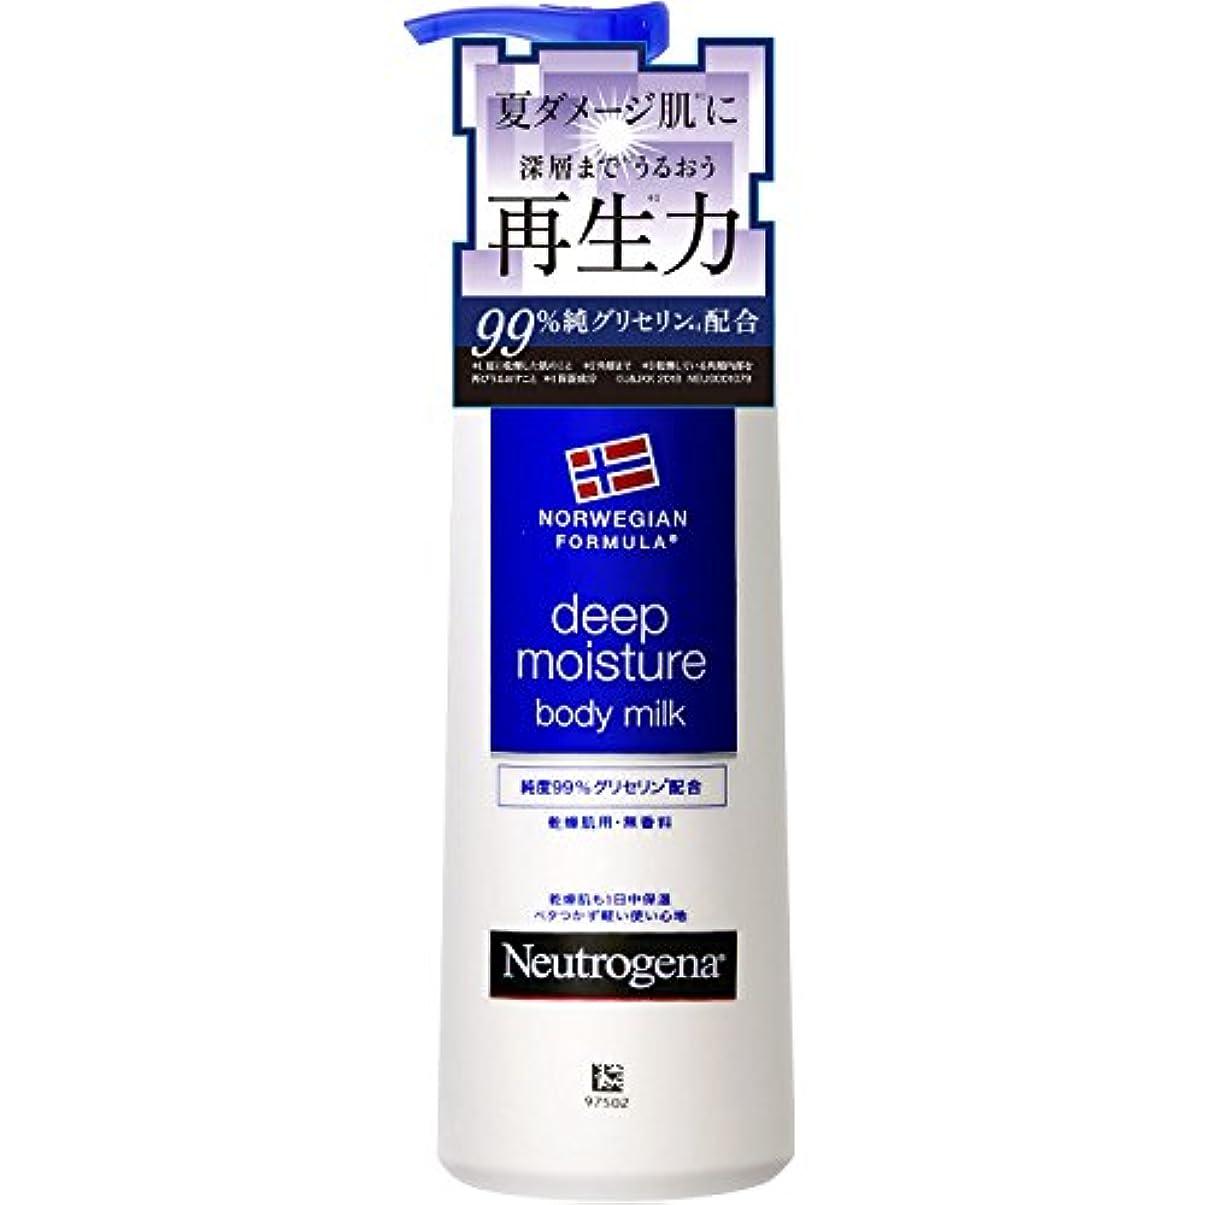 蜜樹木ゴルフNeutrogena(ニュートロジーナ) ノルウェーフォーミュラ ディープモイスチャー ボディミルク 乾燥肌用 無香料 単品 250ml